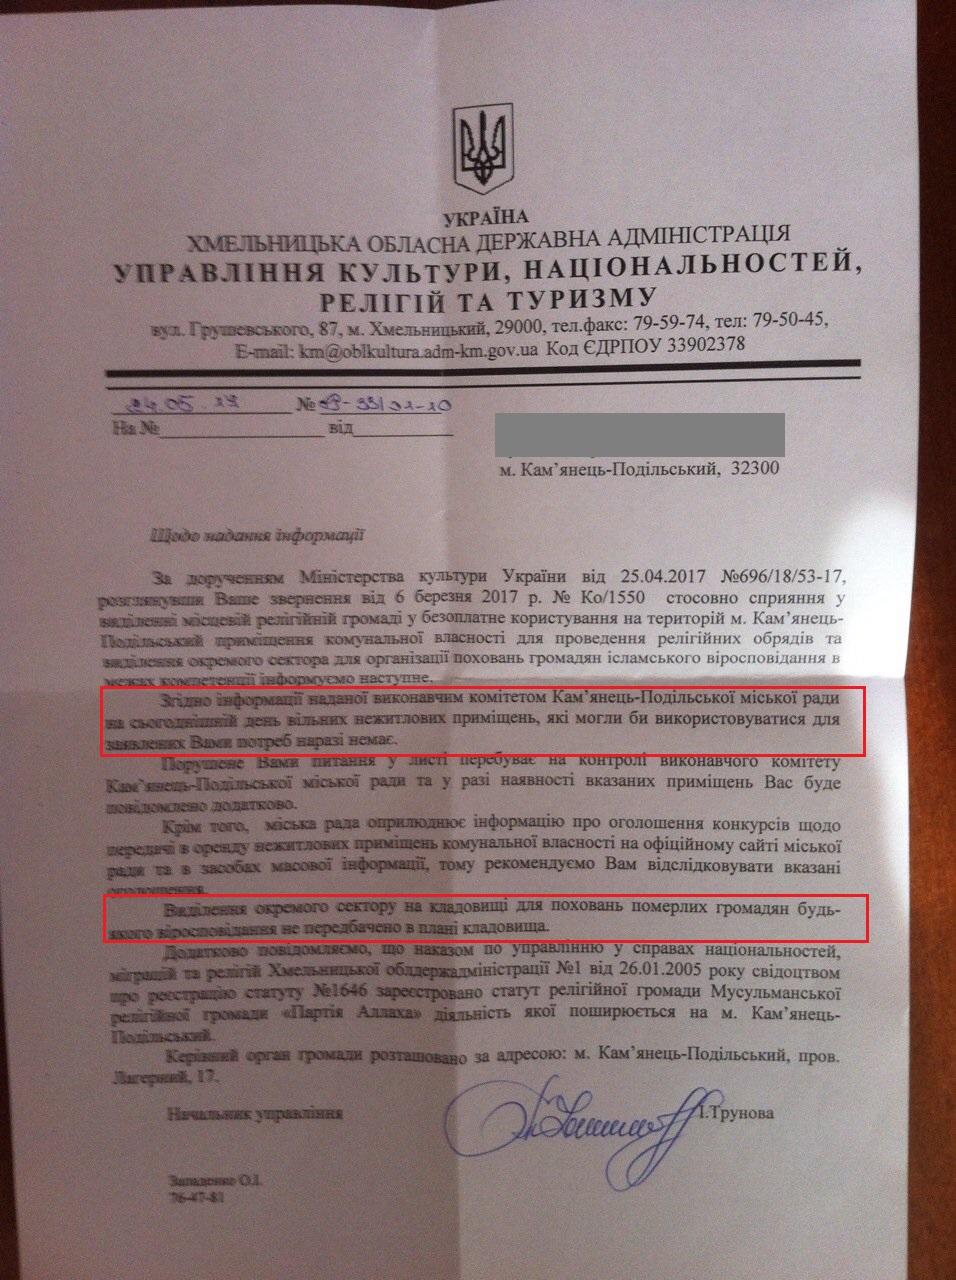 Кримські татари у Кам'янець-Подільську виборюють приміщення для молитовного дому та територію під захоронення